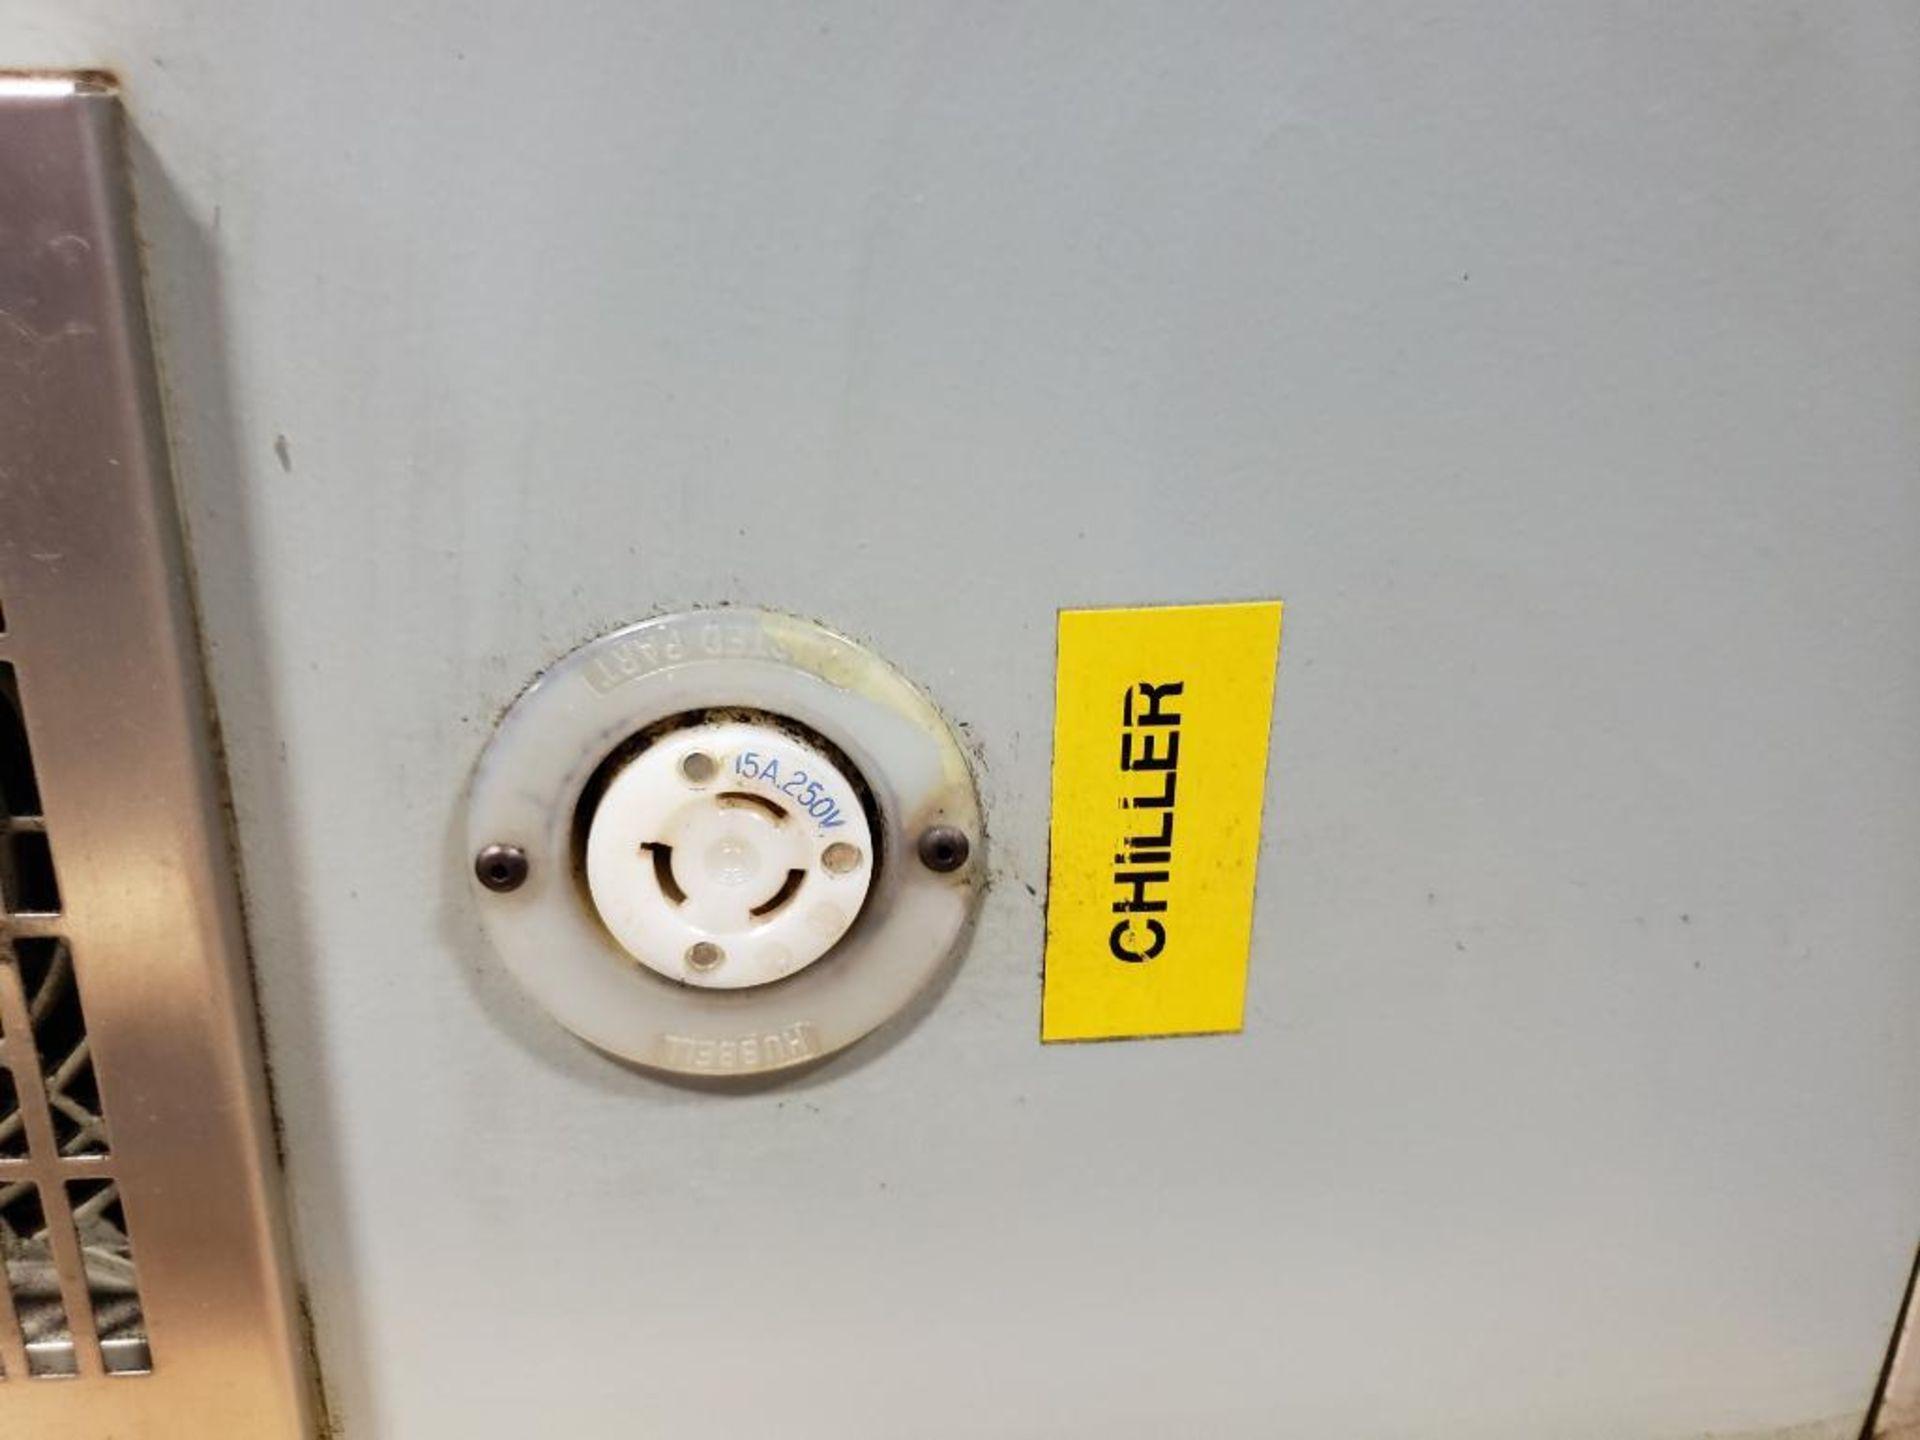 Chiller control cabinet. Hoffman enclosure, Cutler Hammer AF93AG0B007D drive, Allen Bradley drive. - Image 6 of 35